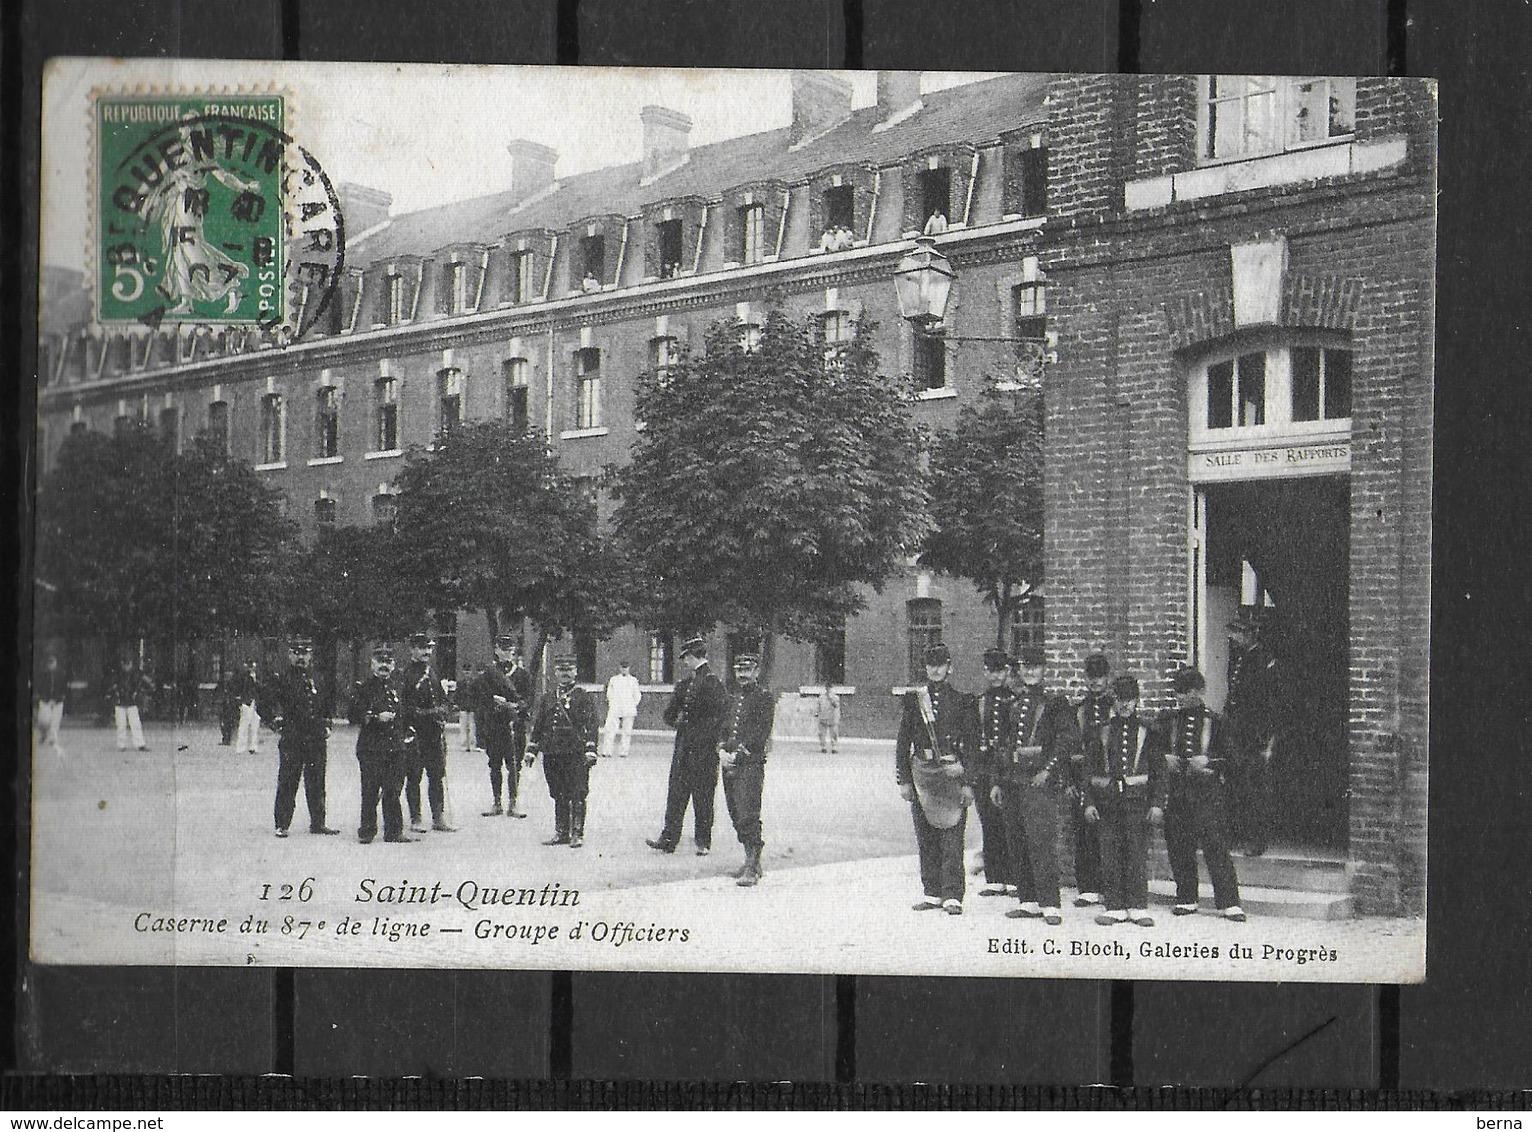 02 SAINT QUENTIN 87IEME DE LIGNE OFFICIERS - Saint Quentin